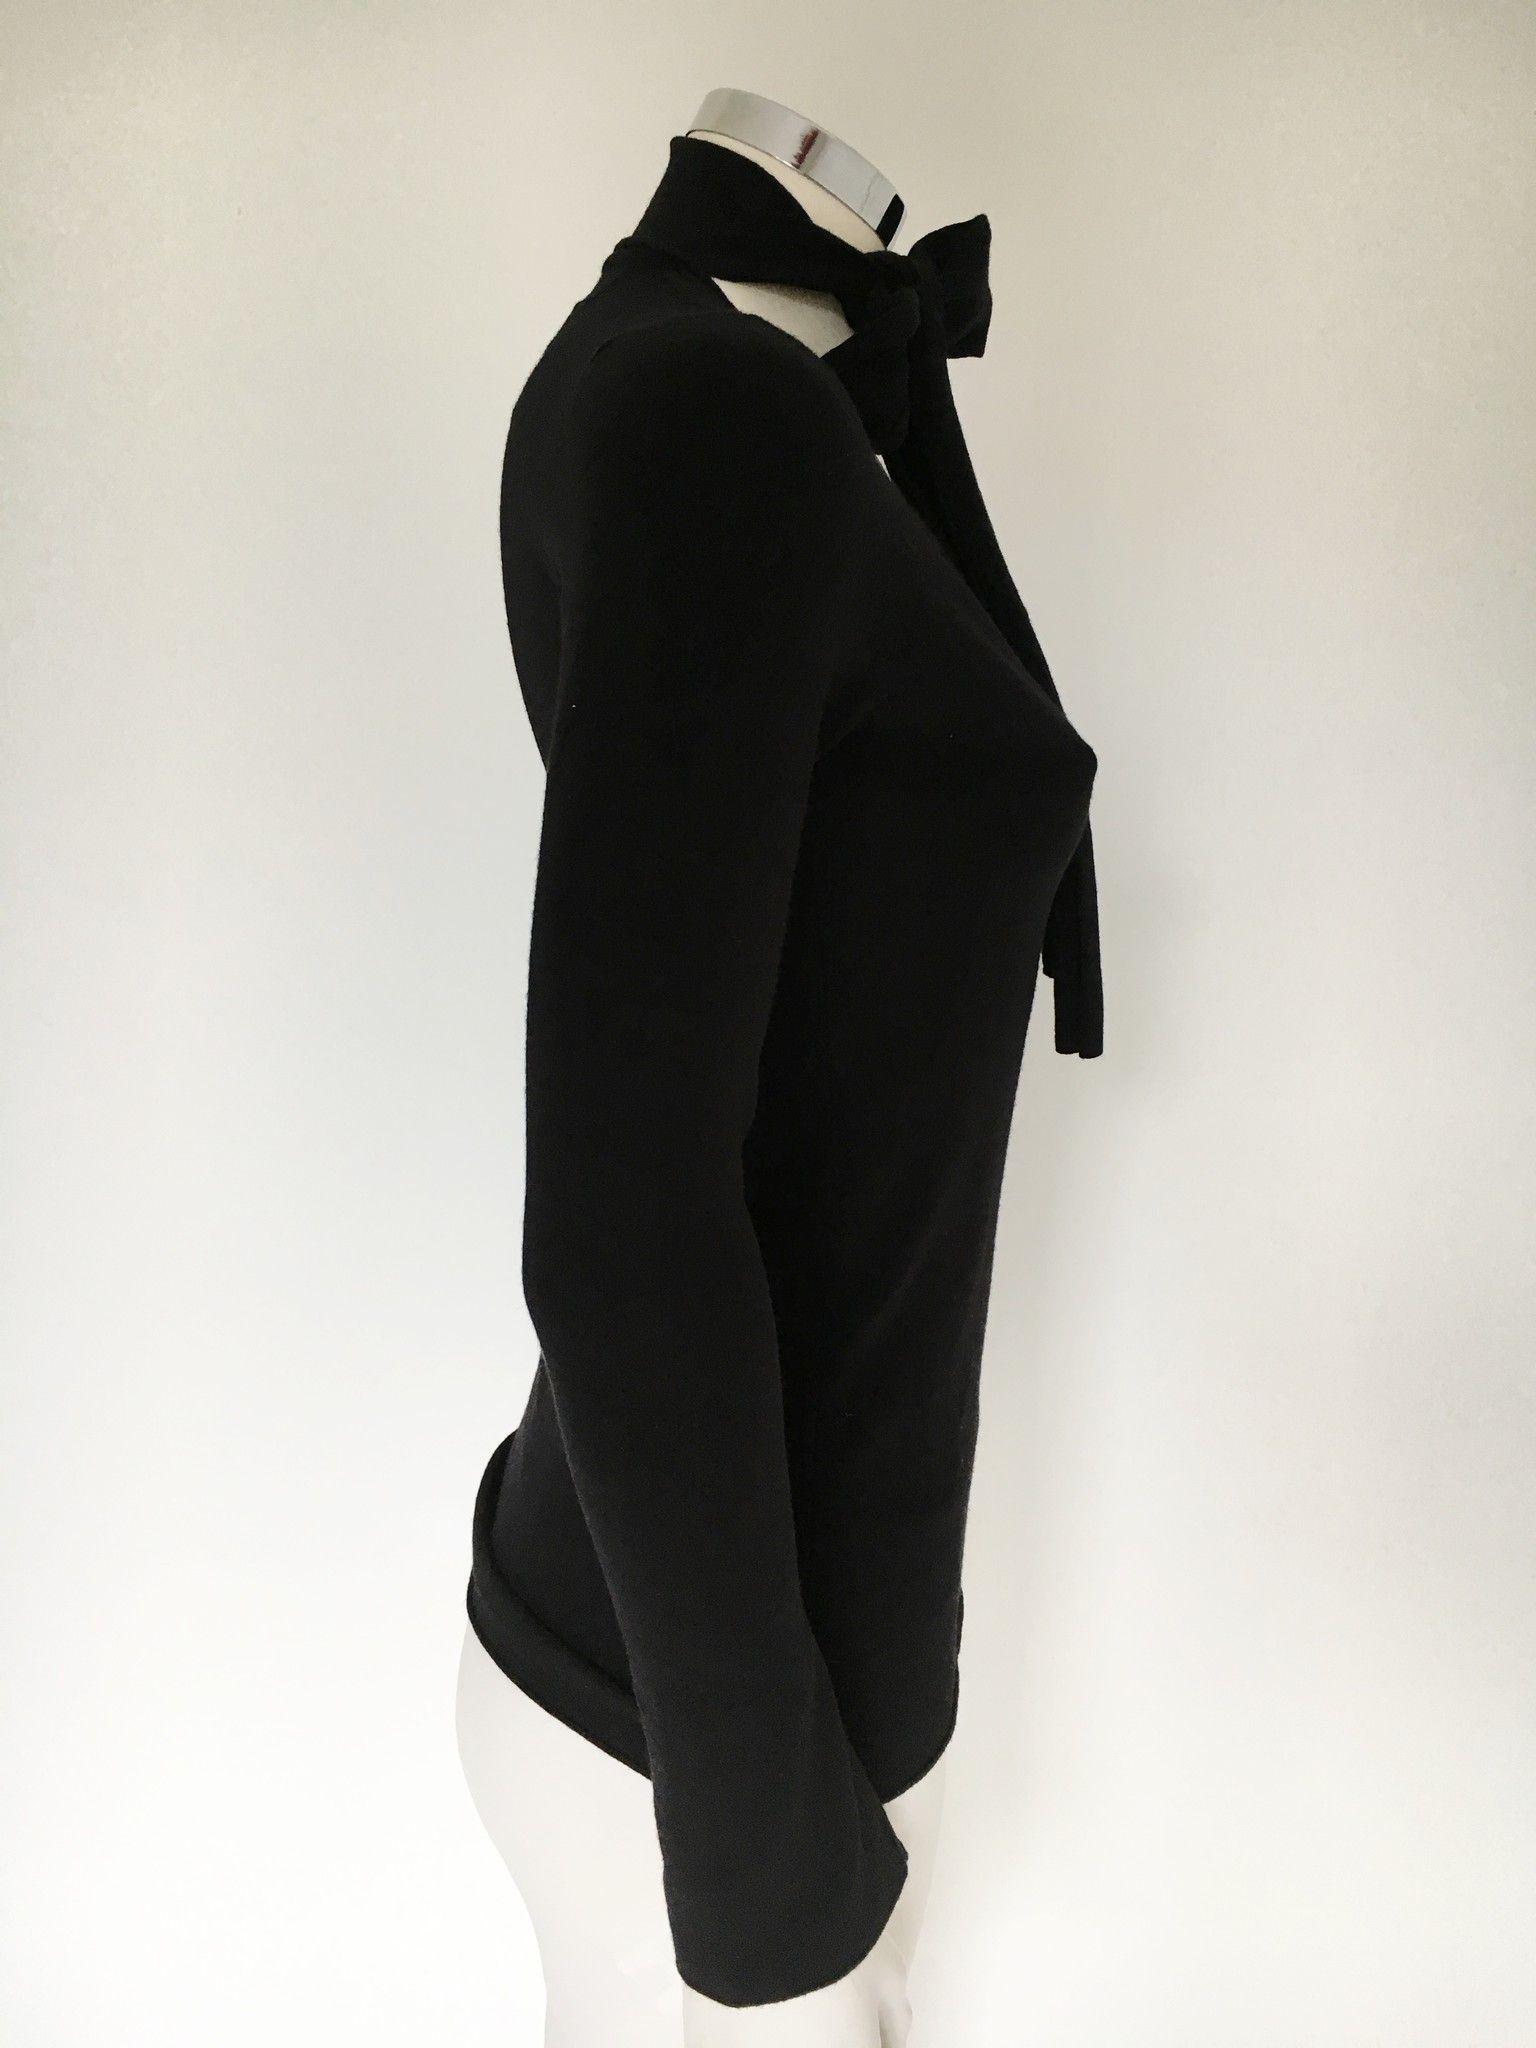 Maglia LadyBug Scollo a V Con Fiocco Slim Fit Cod. 2176Q